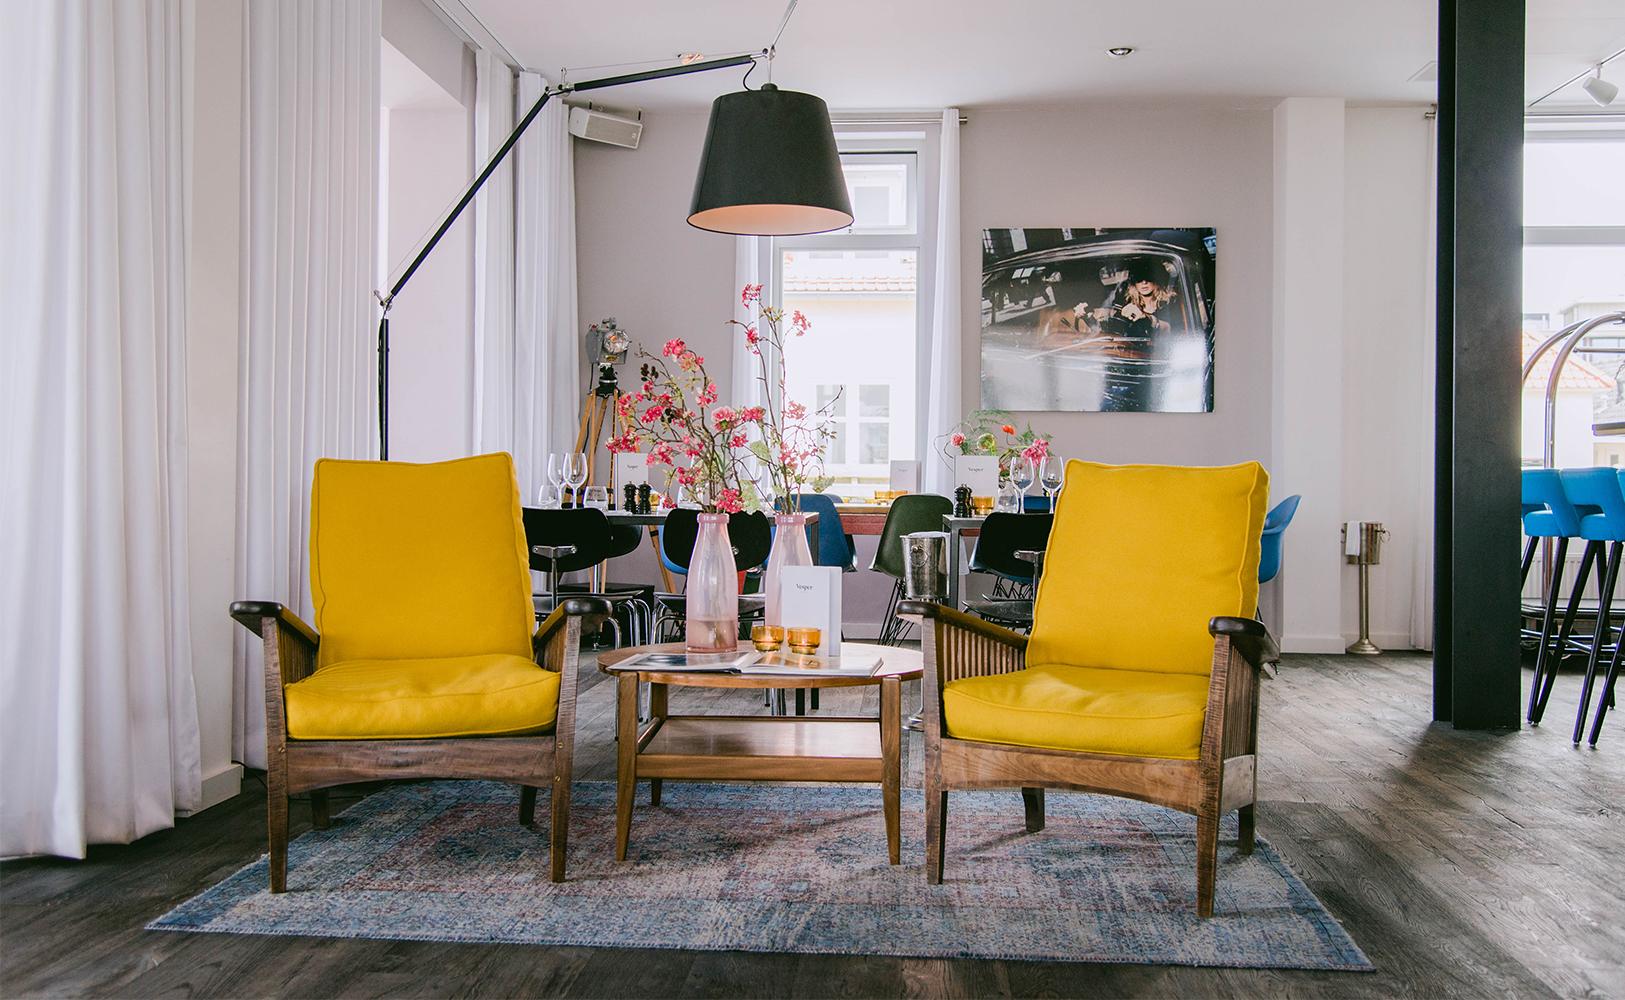 attractive einfache dekoration und mobel design und boutique hotel vesper #1: Vesper Designhotel